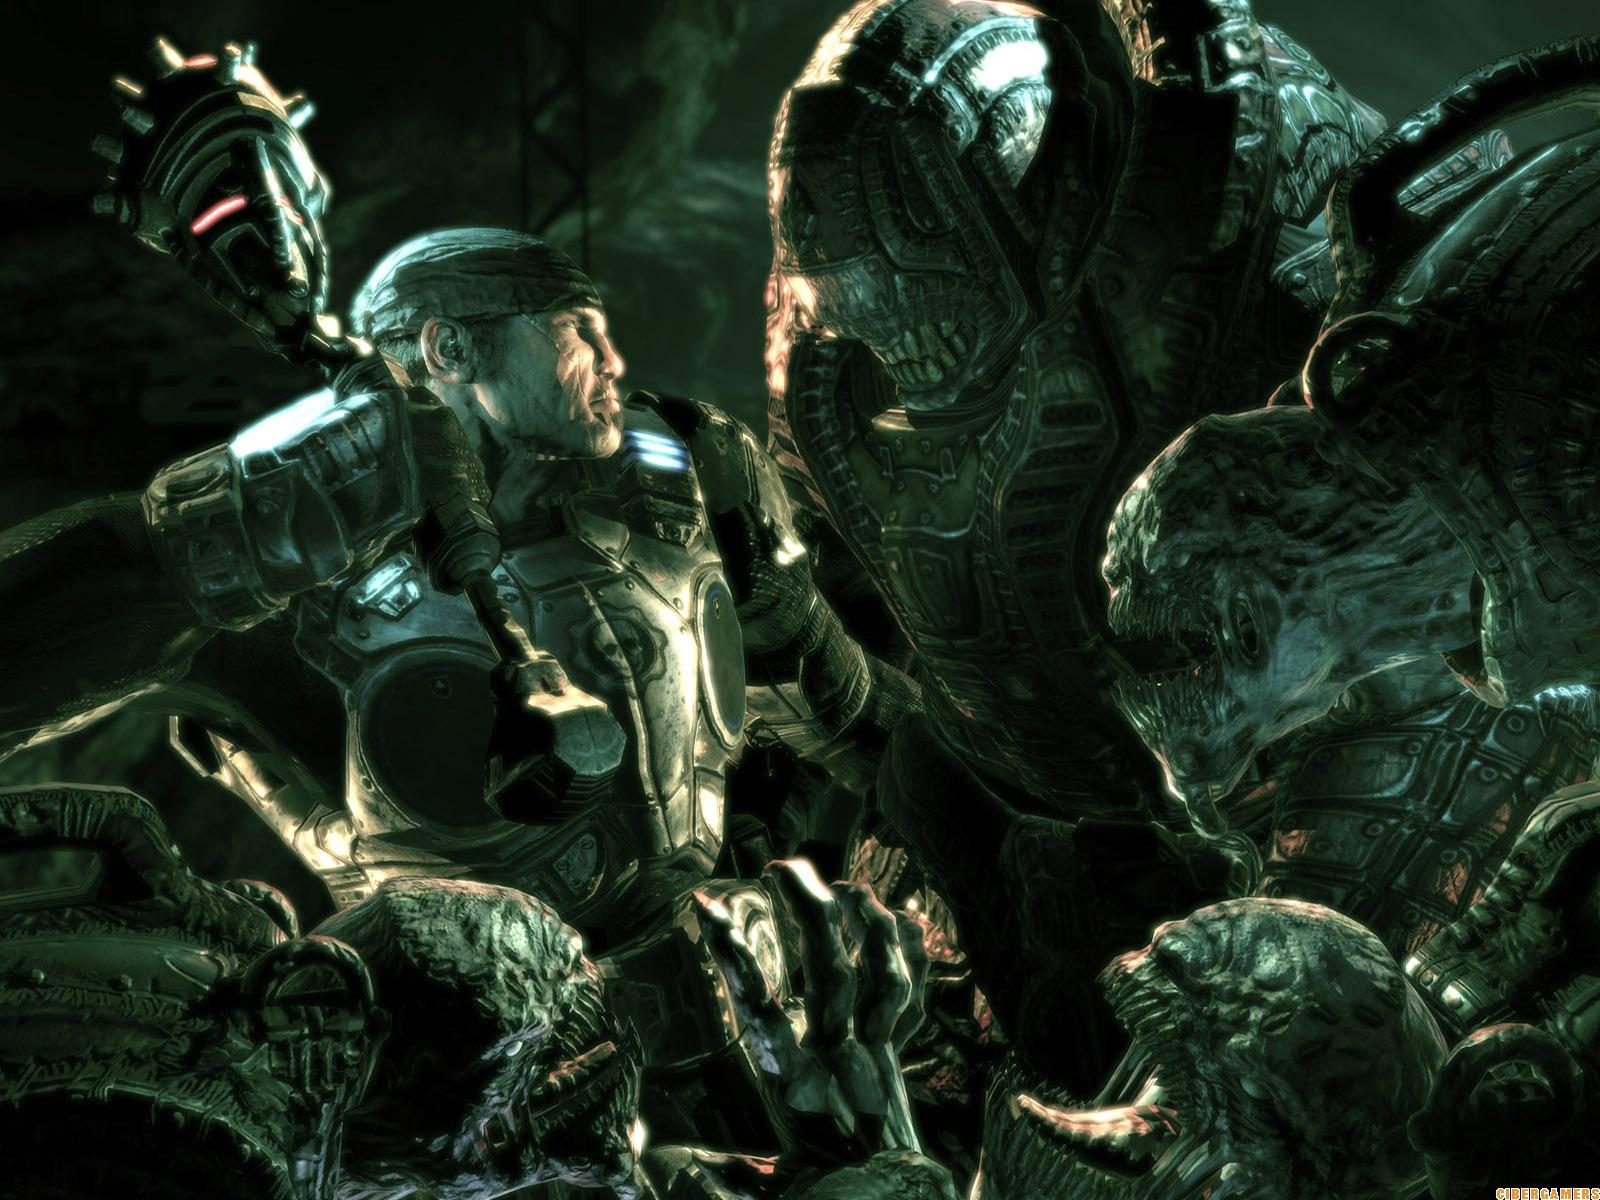 http://1.bp.blogspot.com/-Fh--Vtd7hfk/TmmscgcQRoI/AAAAAAAAAgM/ALOj2qfuo5w/s1600/gears+of+wars+3+%25282%2529.jpg